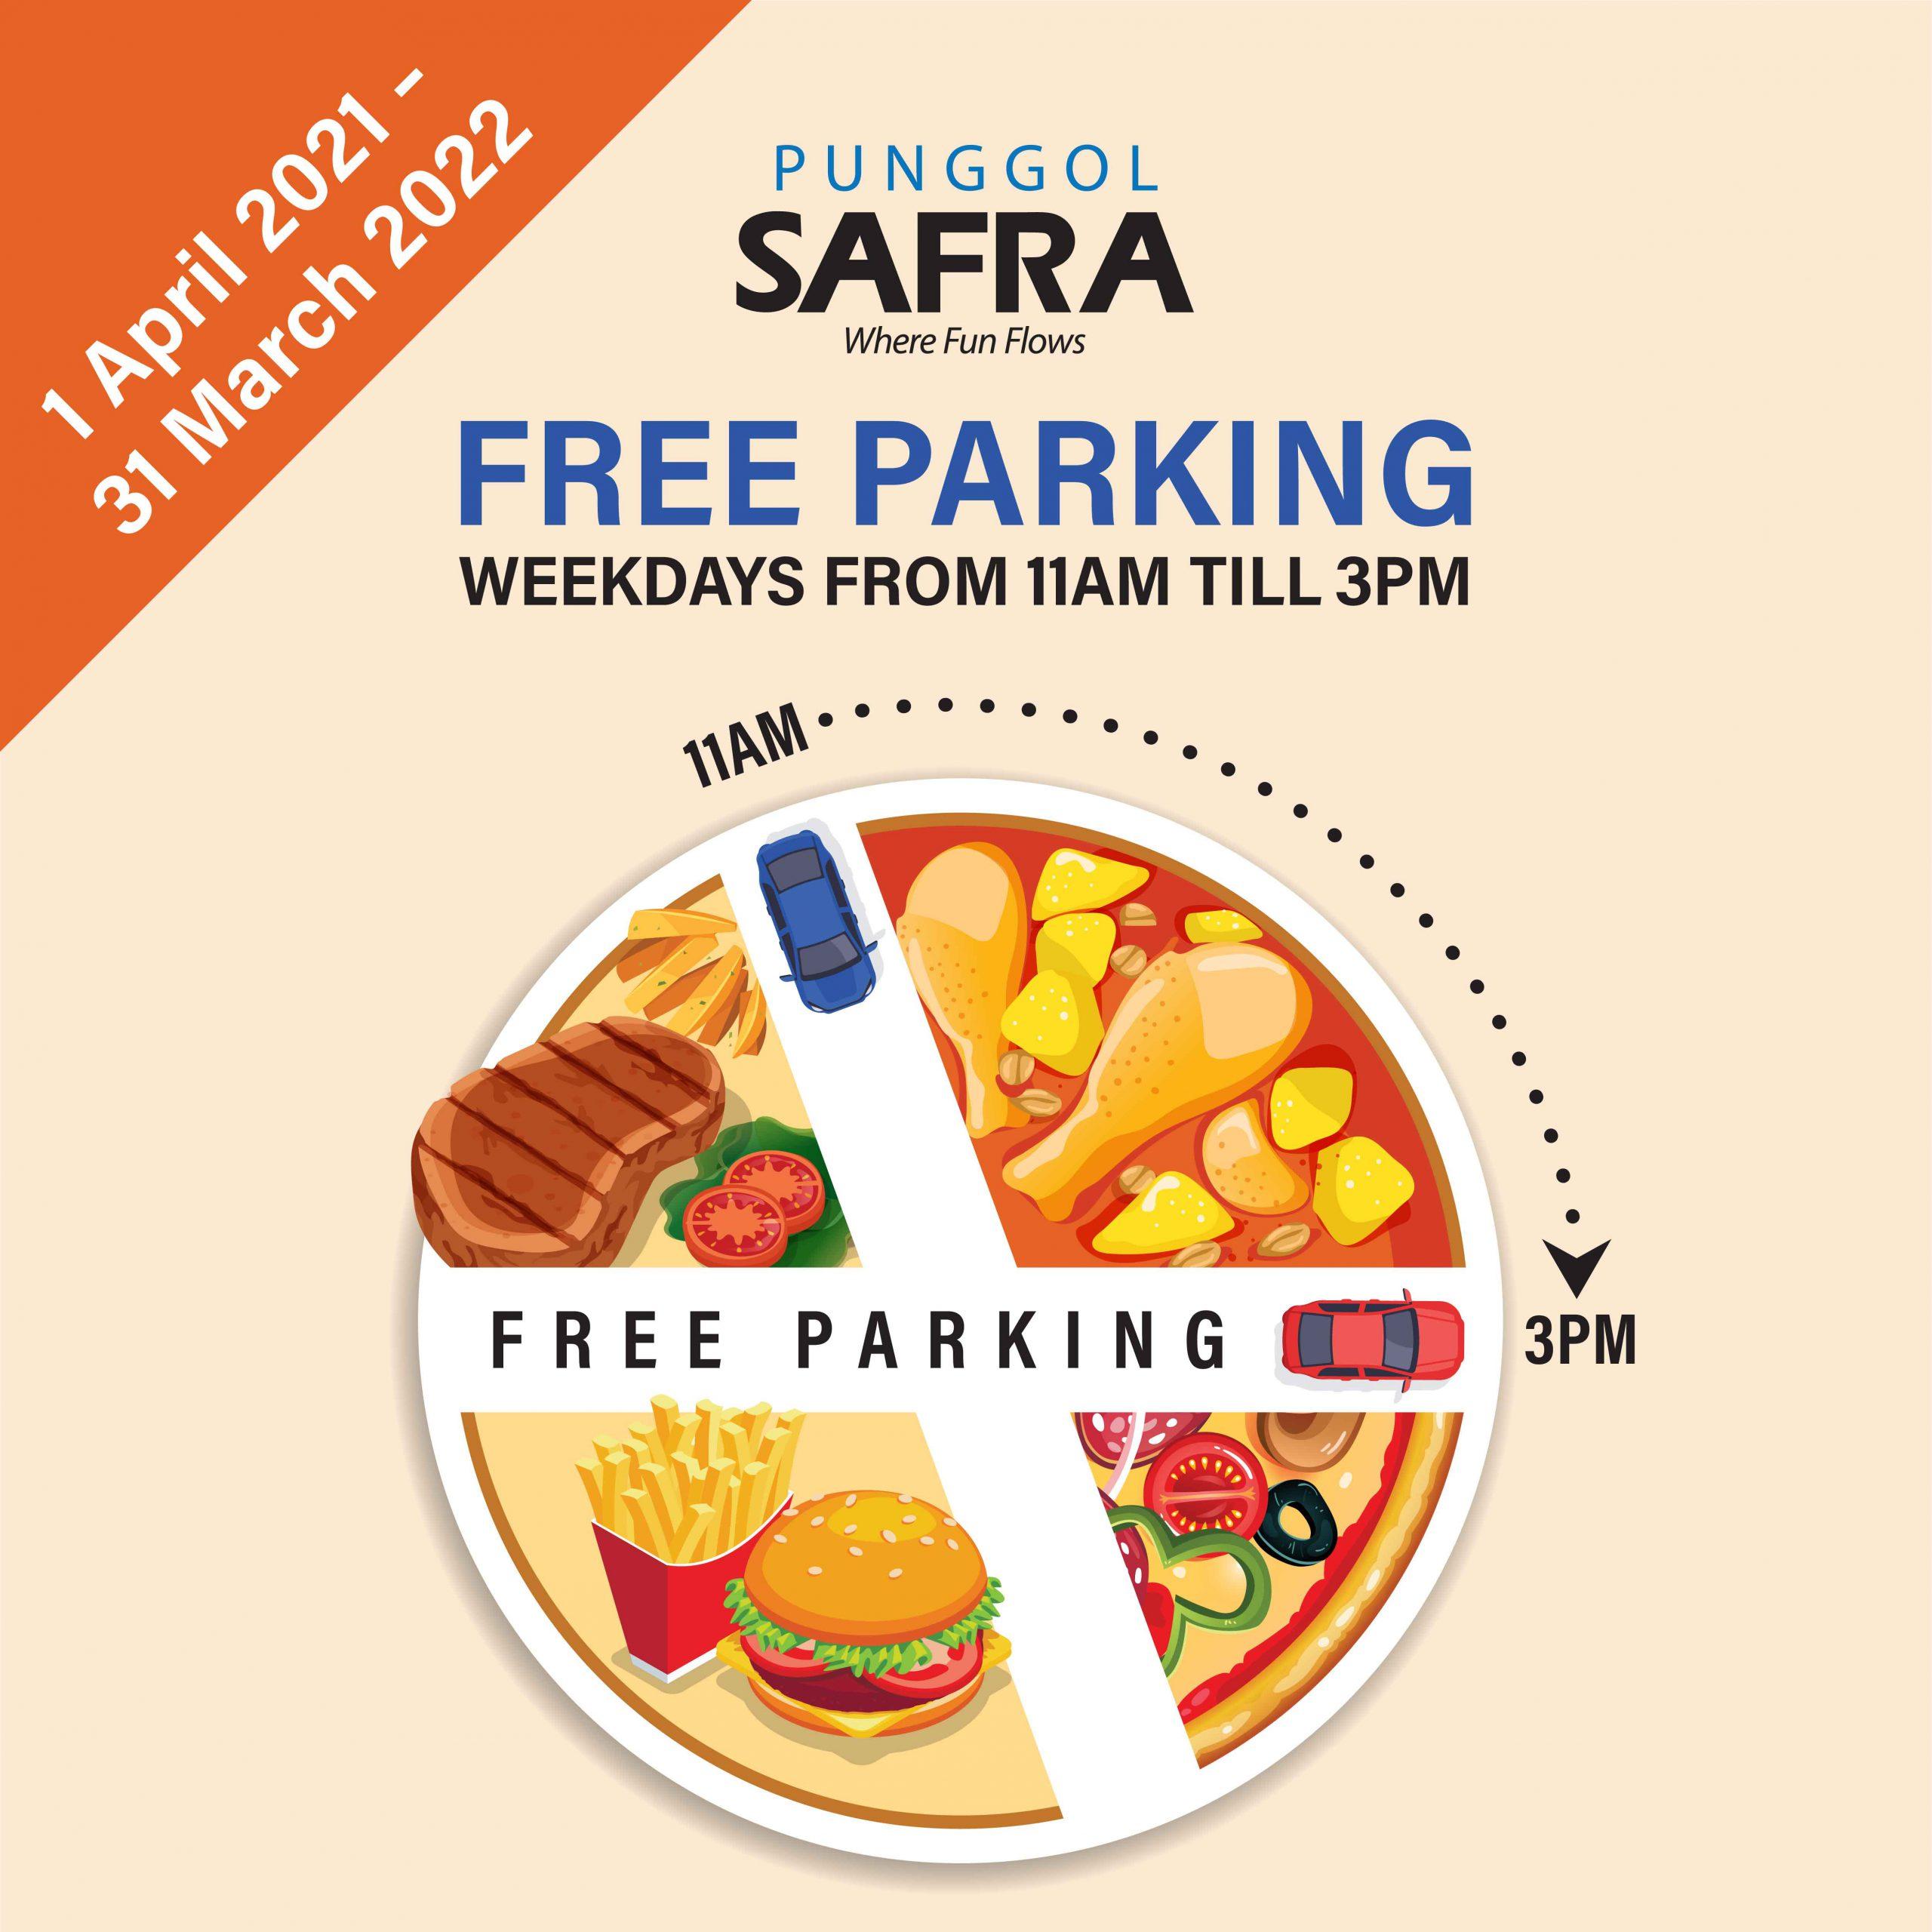 SAFRA Punggol - Free Weekday Parking